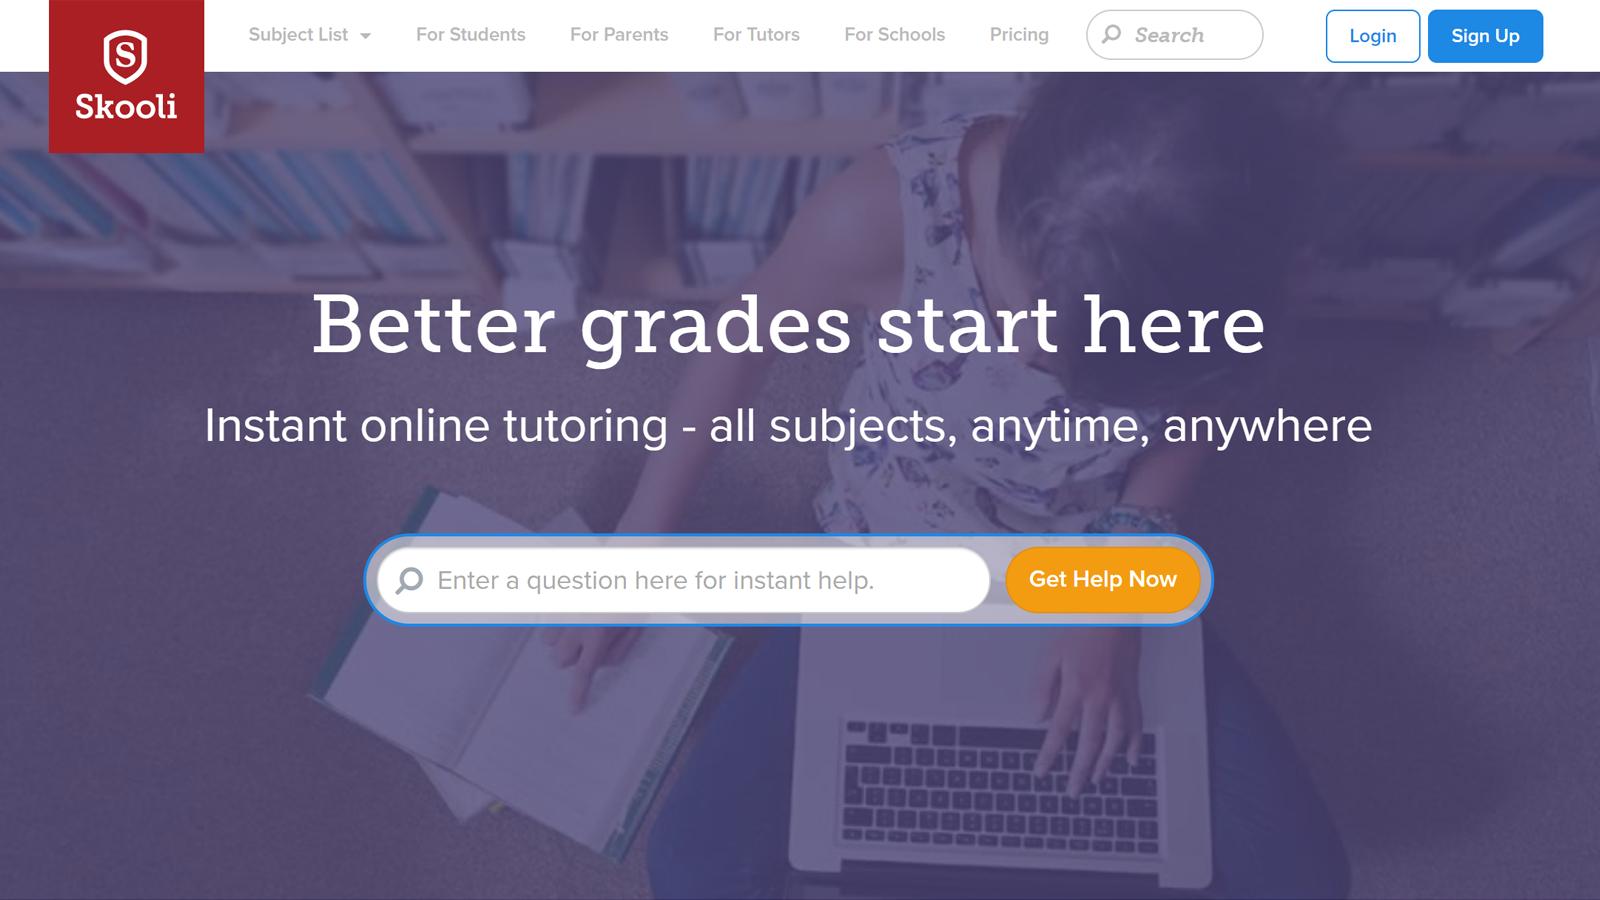 Trang chủ Skooli với đảm bảo điểm tốt hơn và các tùy chọn dạy kèm